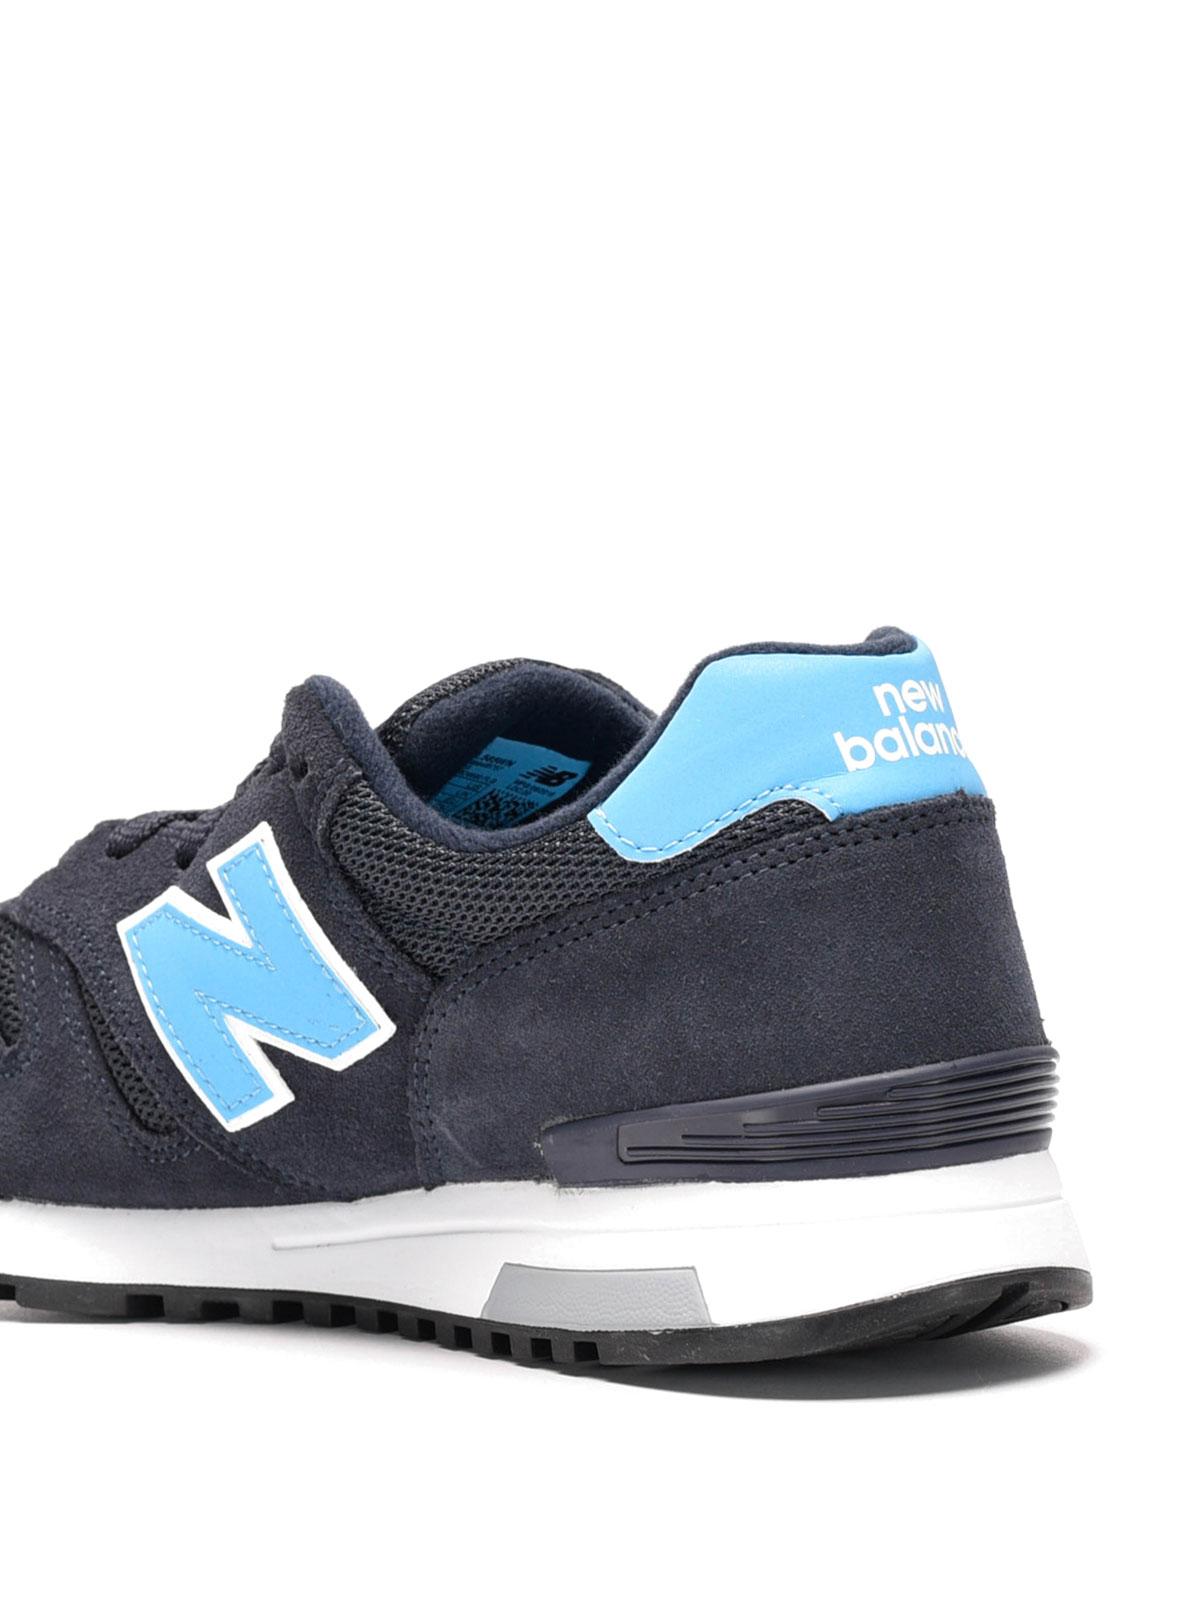 new balance 565 damen blau